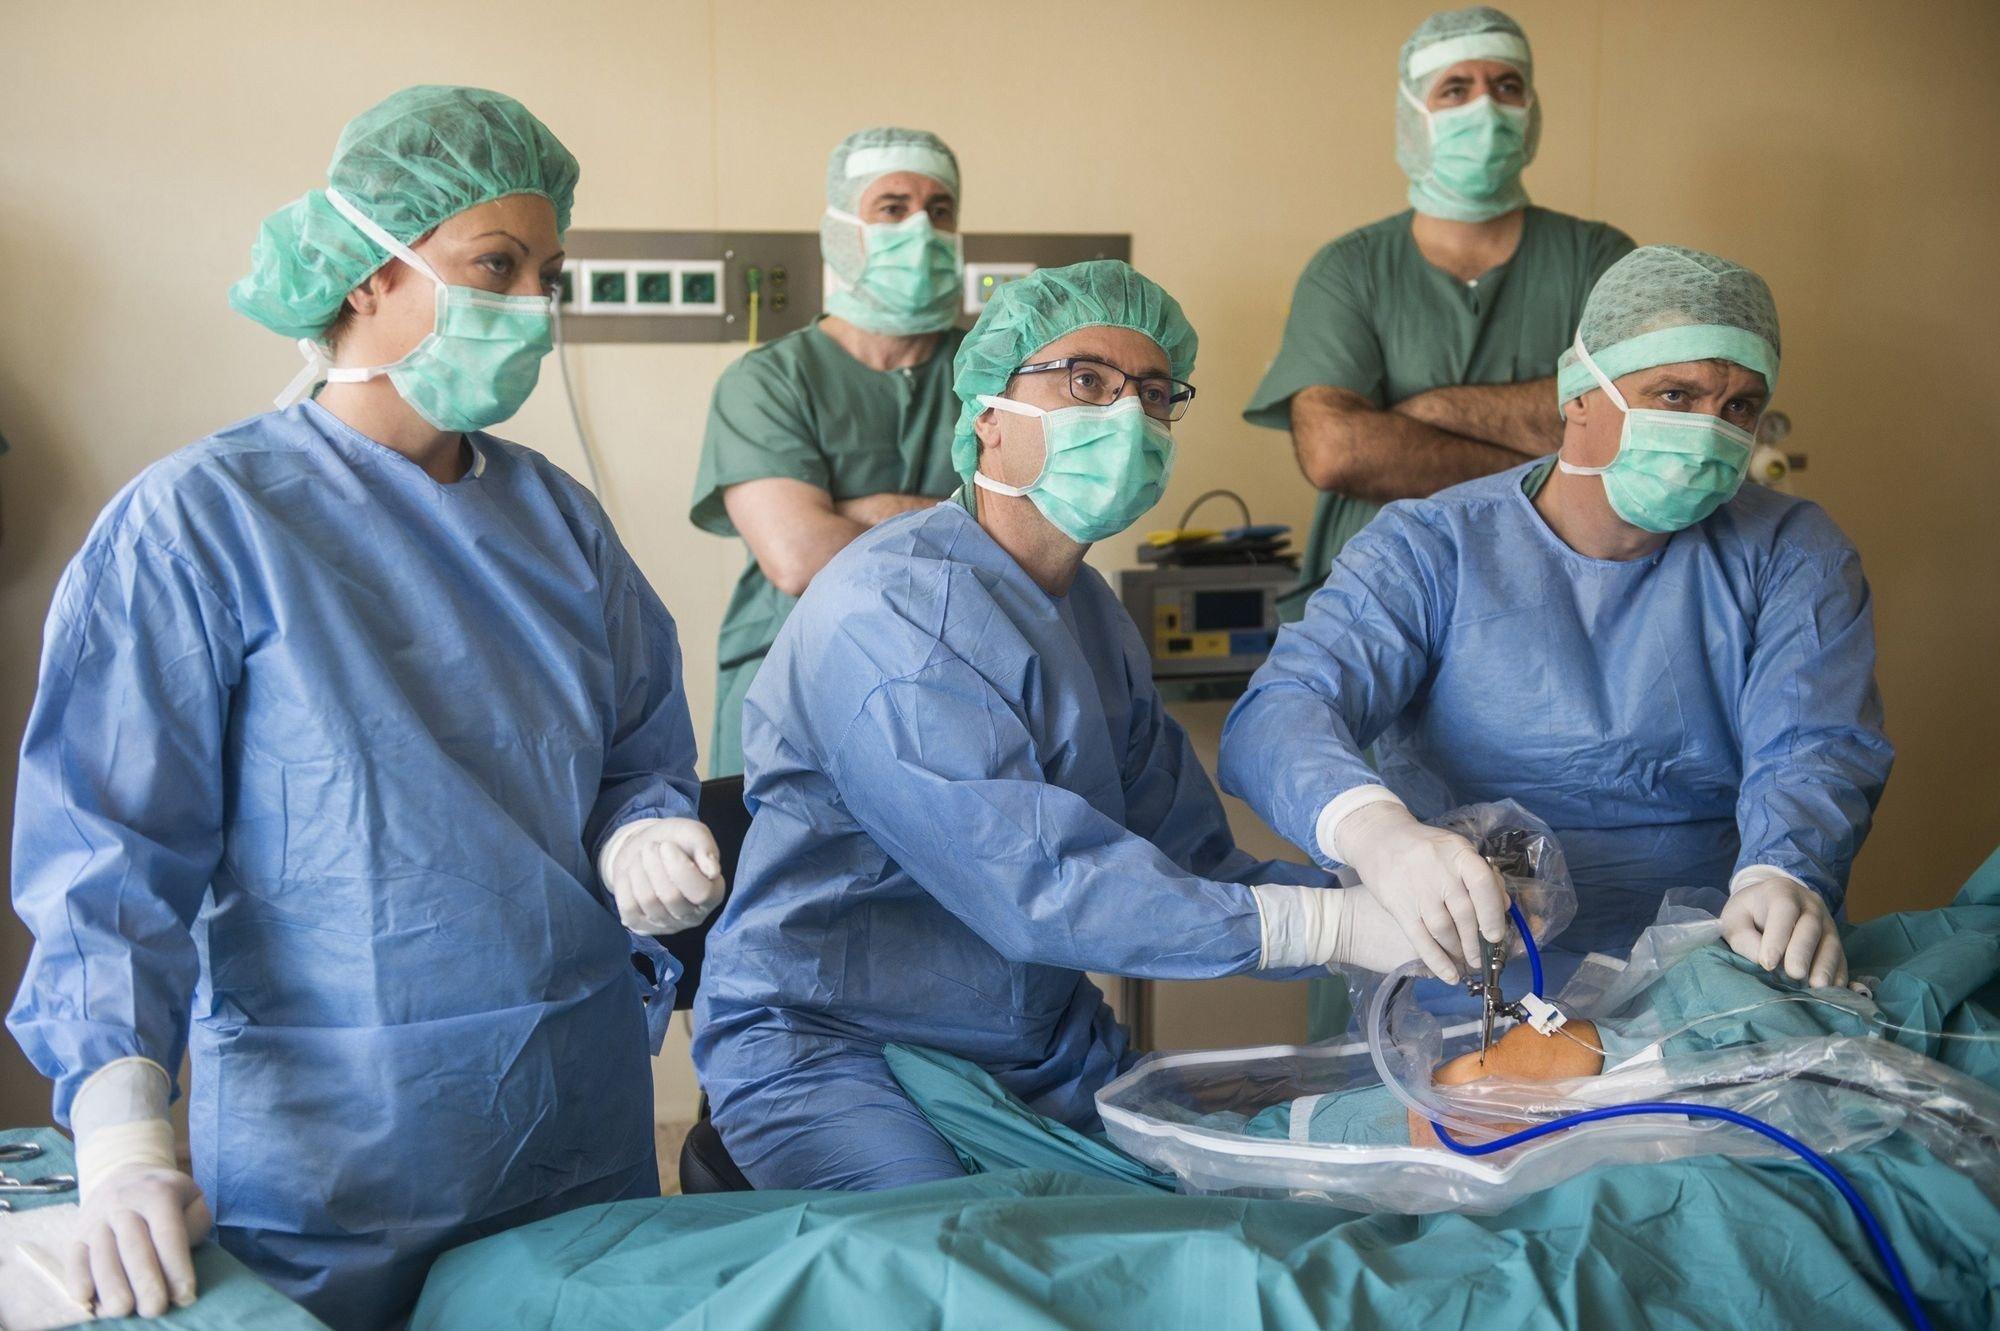 Egynapos sebészet indult Kiskunfélegyházán